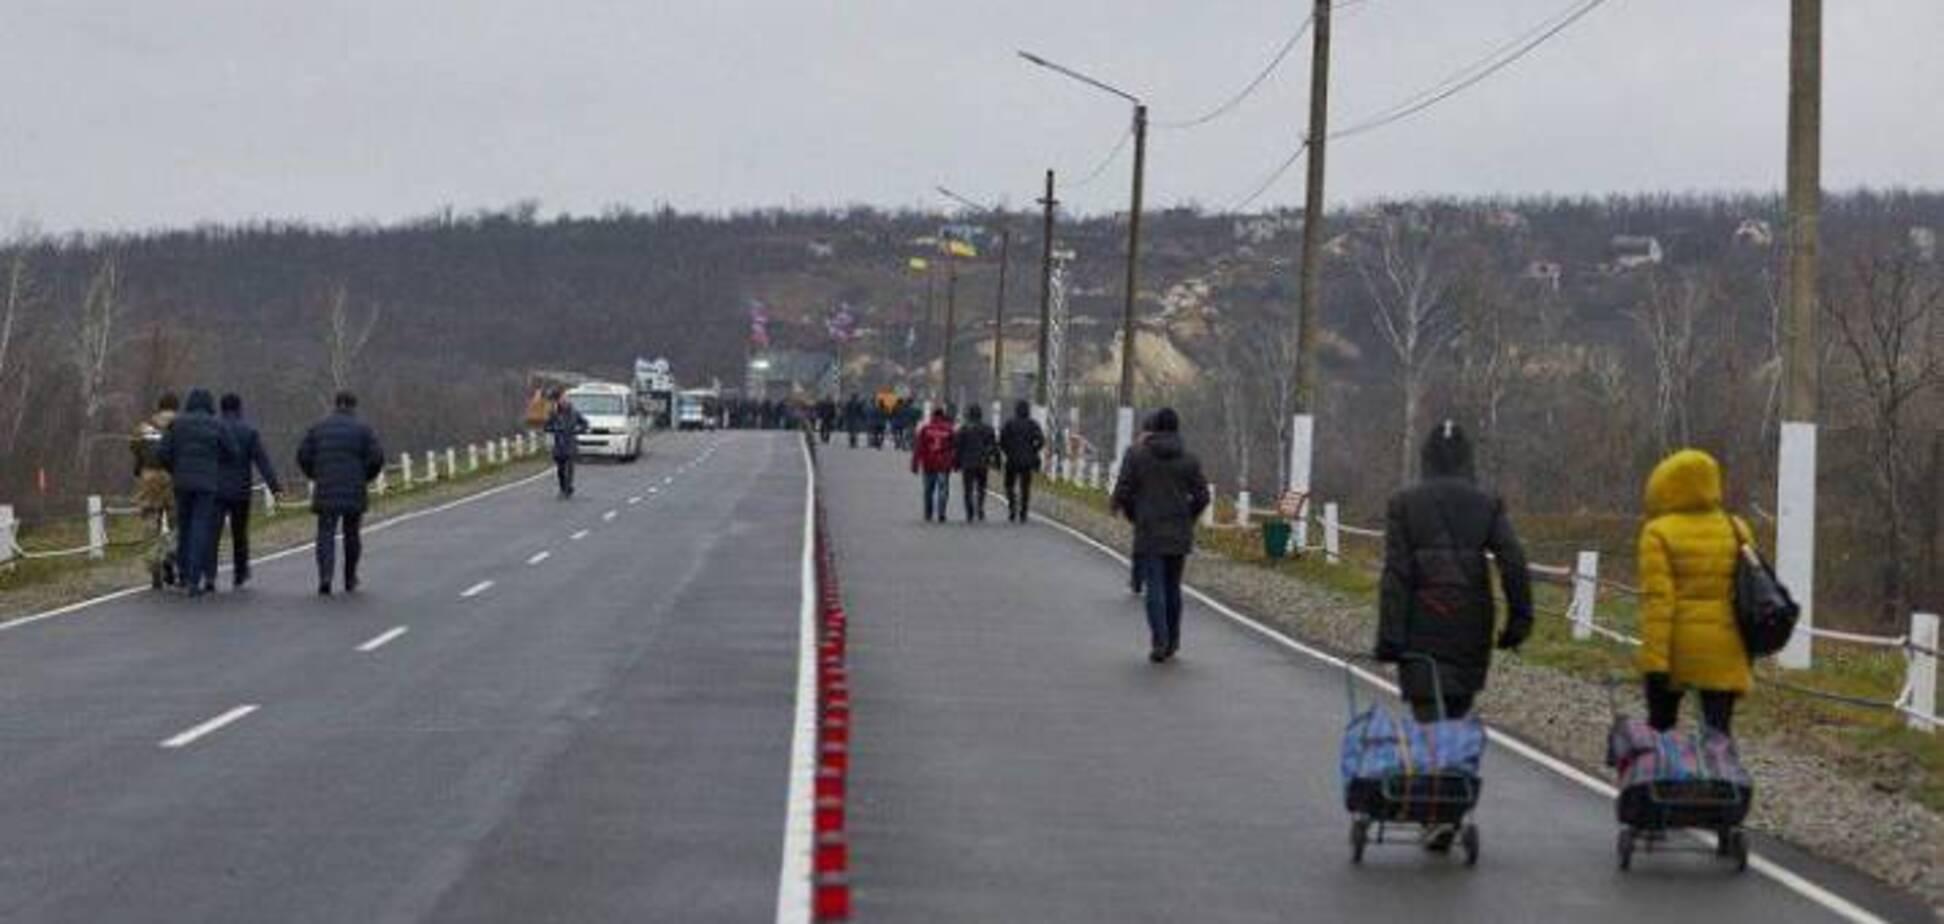 Резніков сказав, скільки жителів залишилося на окупованому Донбасі